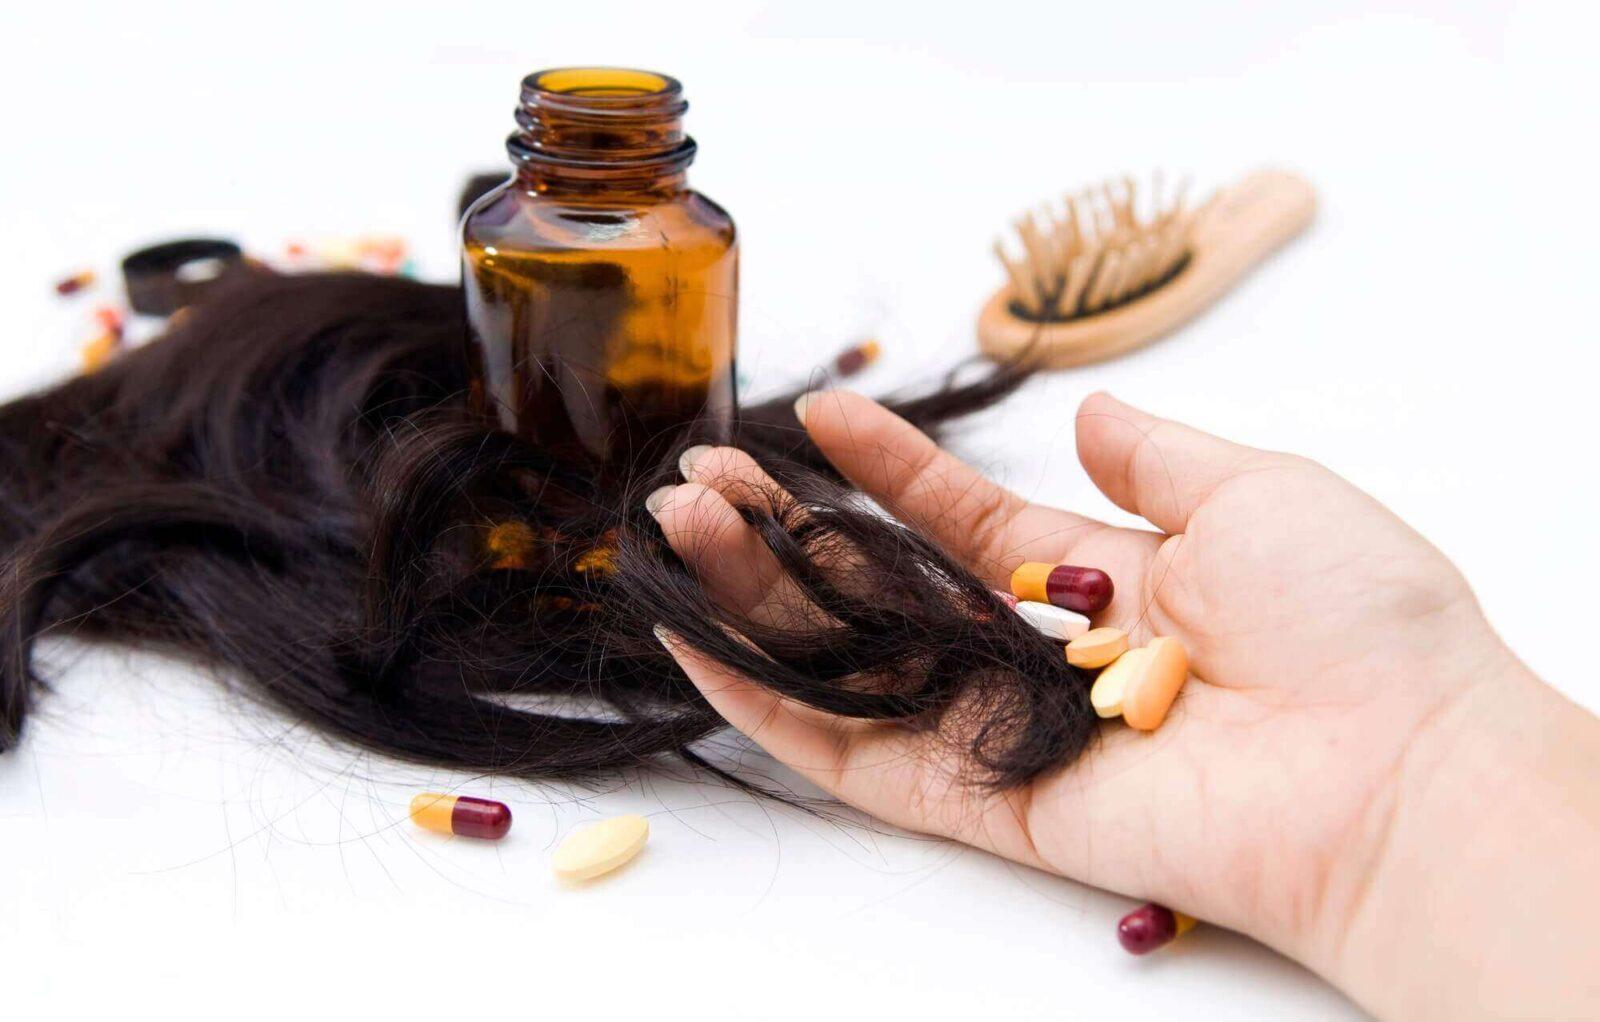 ויטמינים וכדורים נגד נשירת שיער נשים